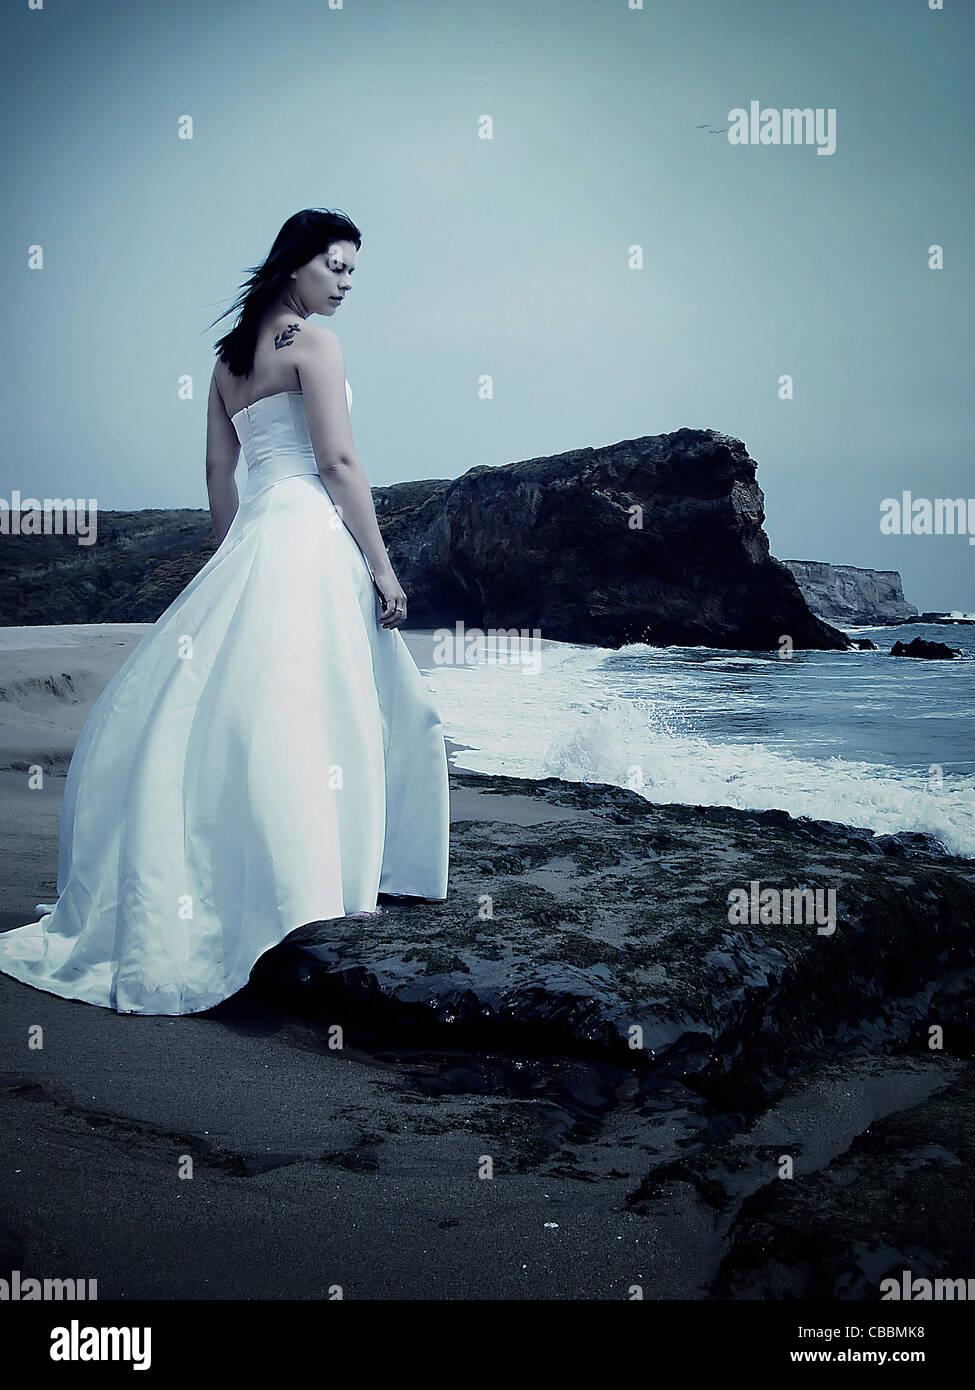 Une femme portant une robe de mariage sur une plage seul avec ressac Photo Stock